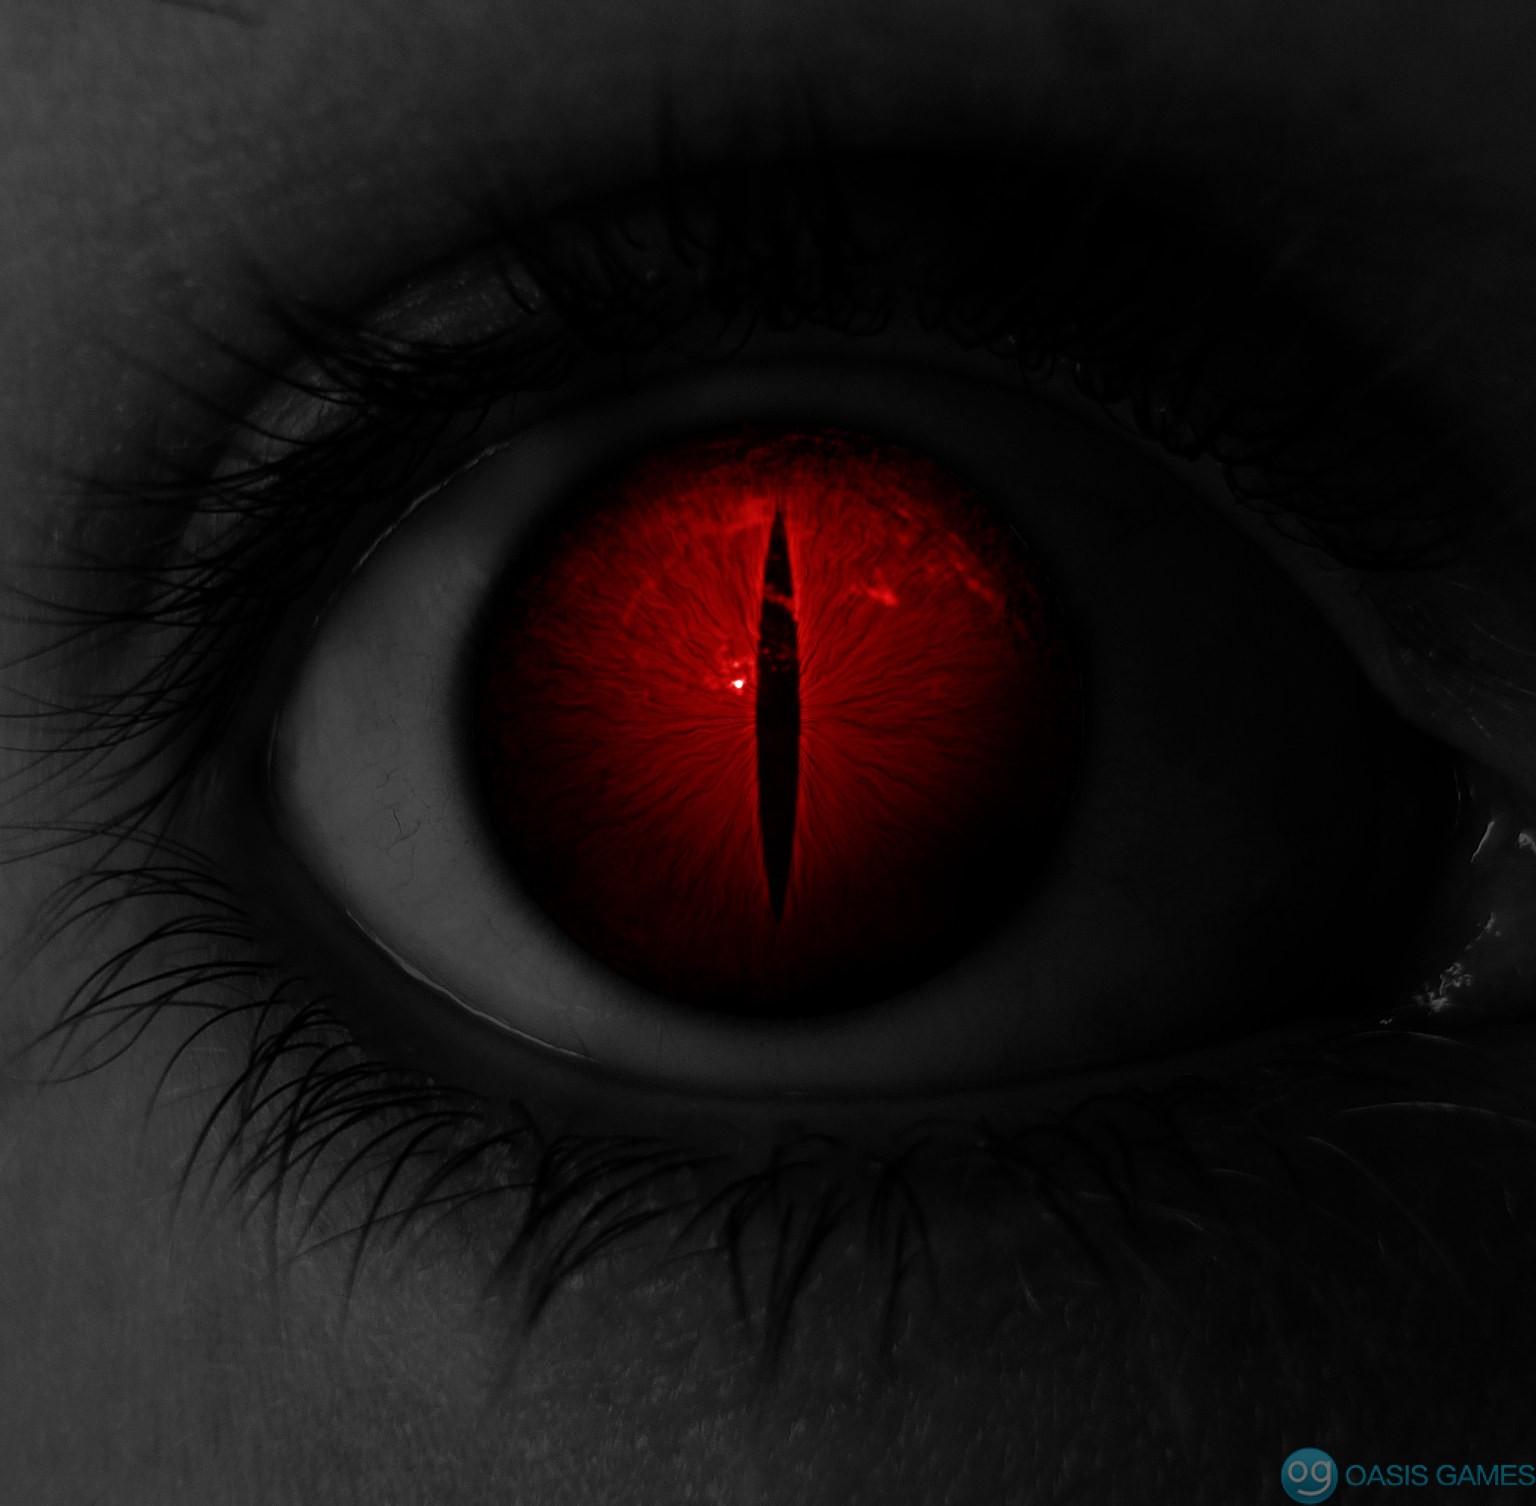 dark inside demon eye quotevcom - 903×885